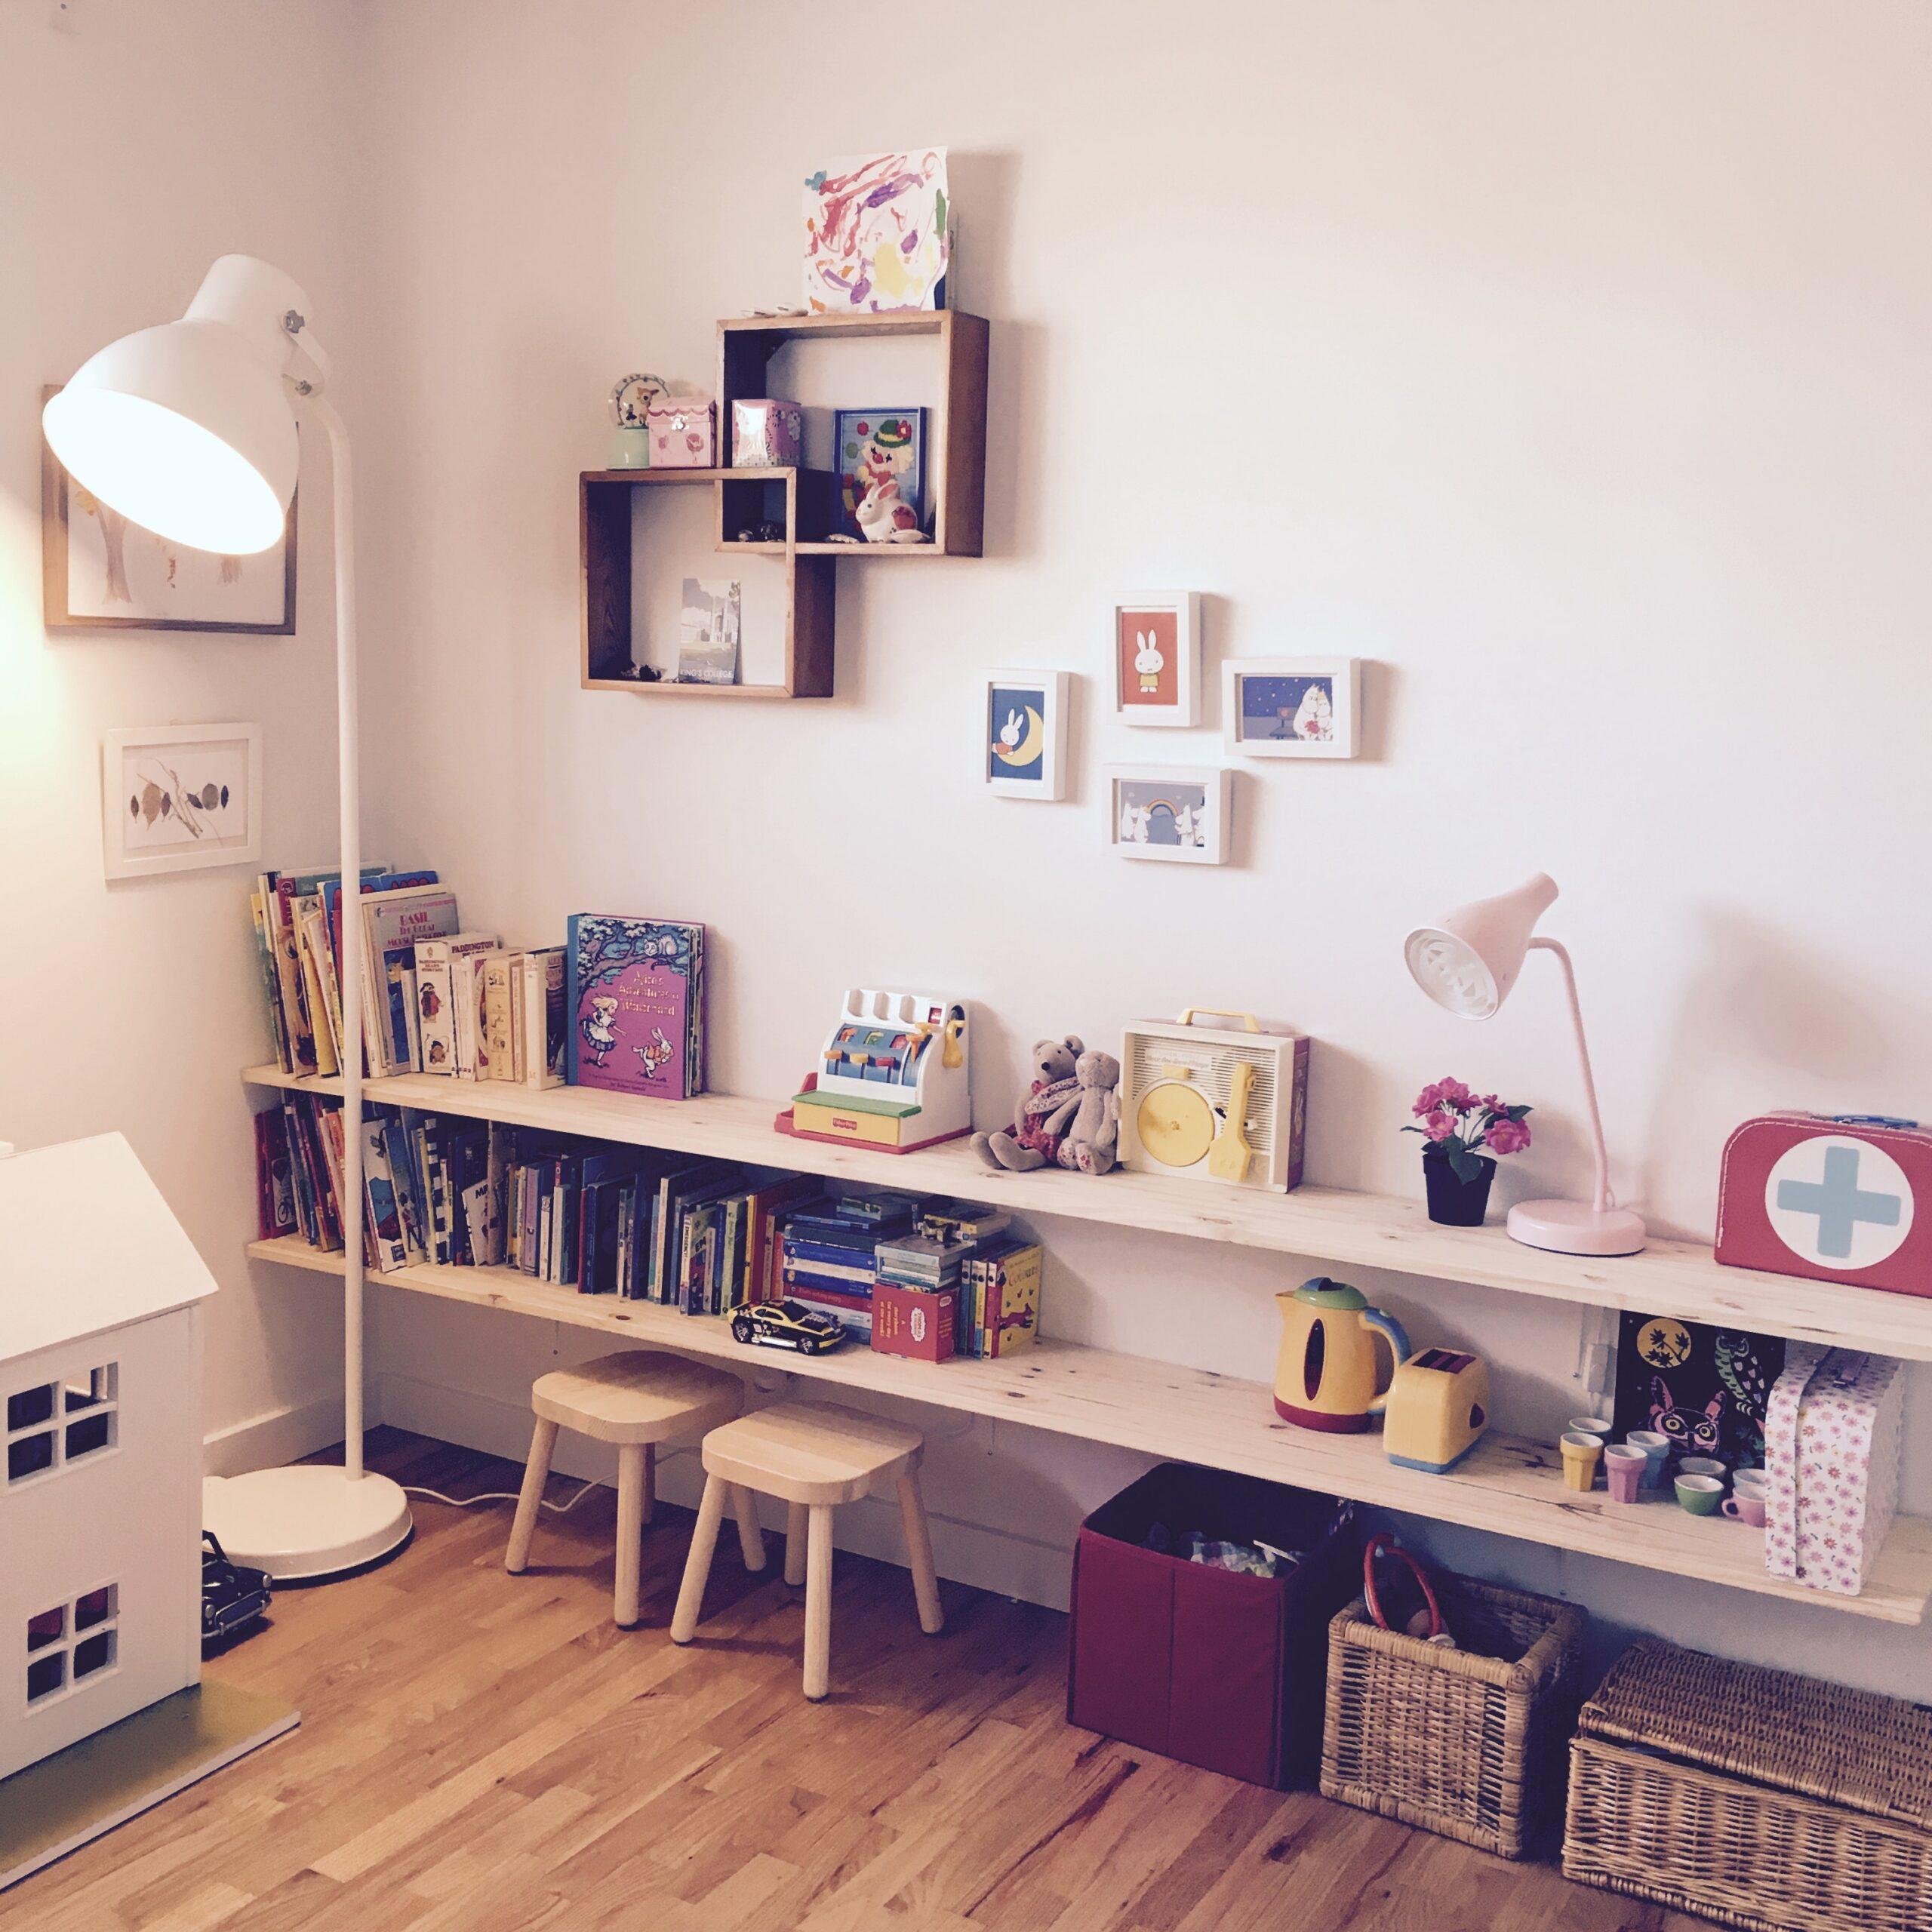 Full Size of Ikea Bunk Kura Hack And Childrens Bedroom Style The Mum Wohnzimmer Kura Hack